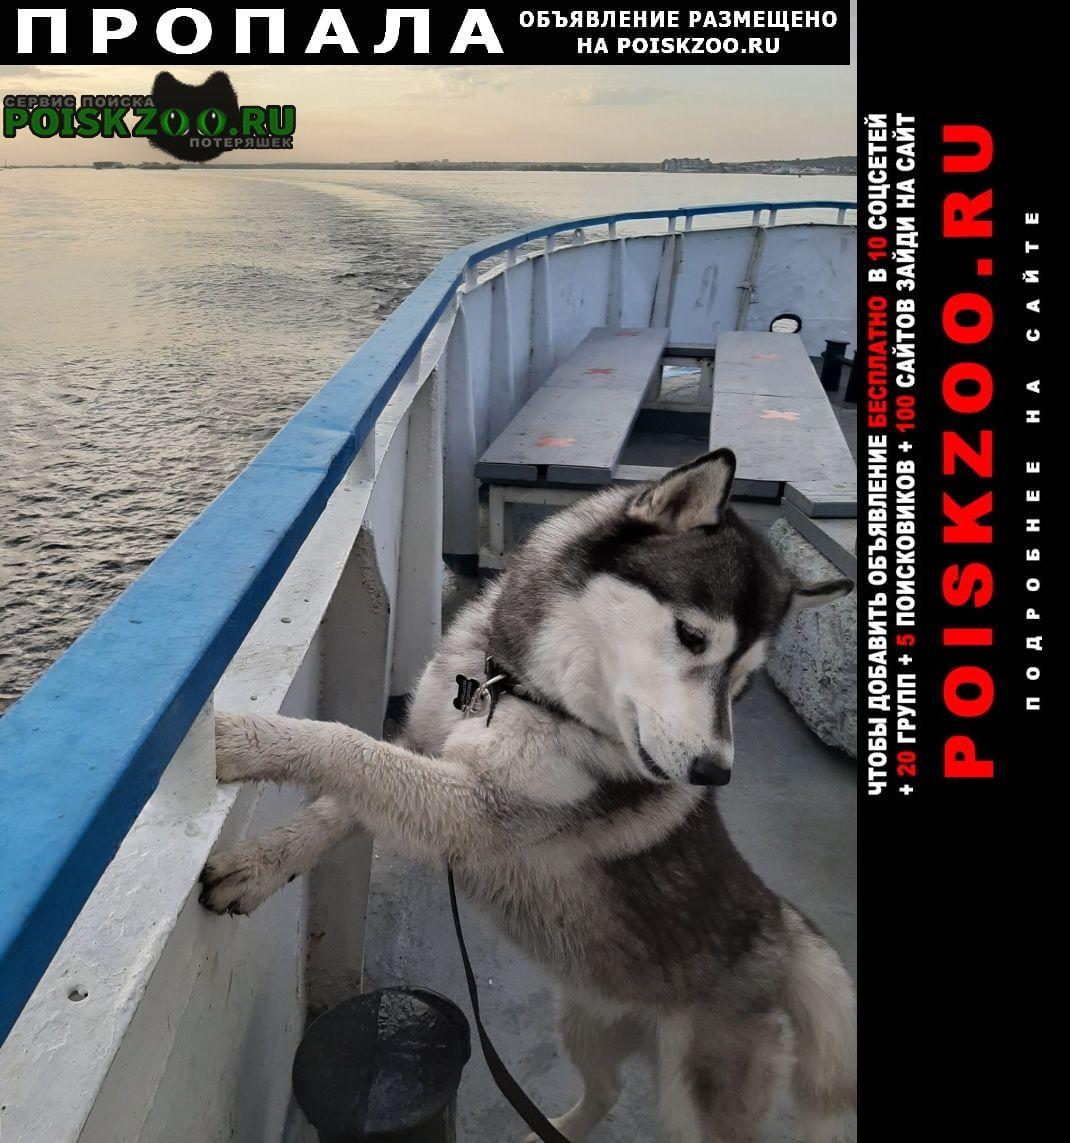 Пропала собака хаски Казань